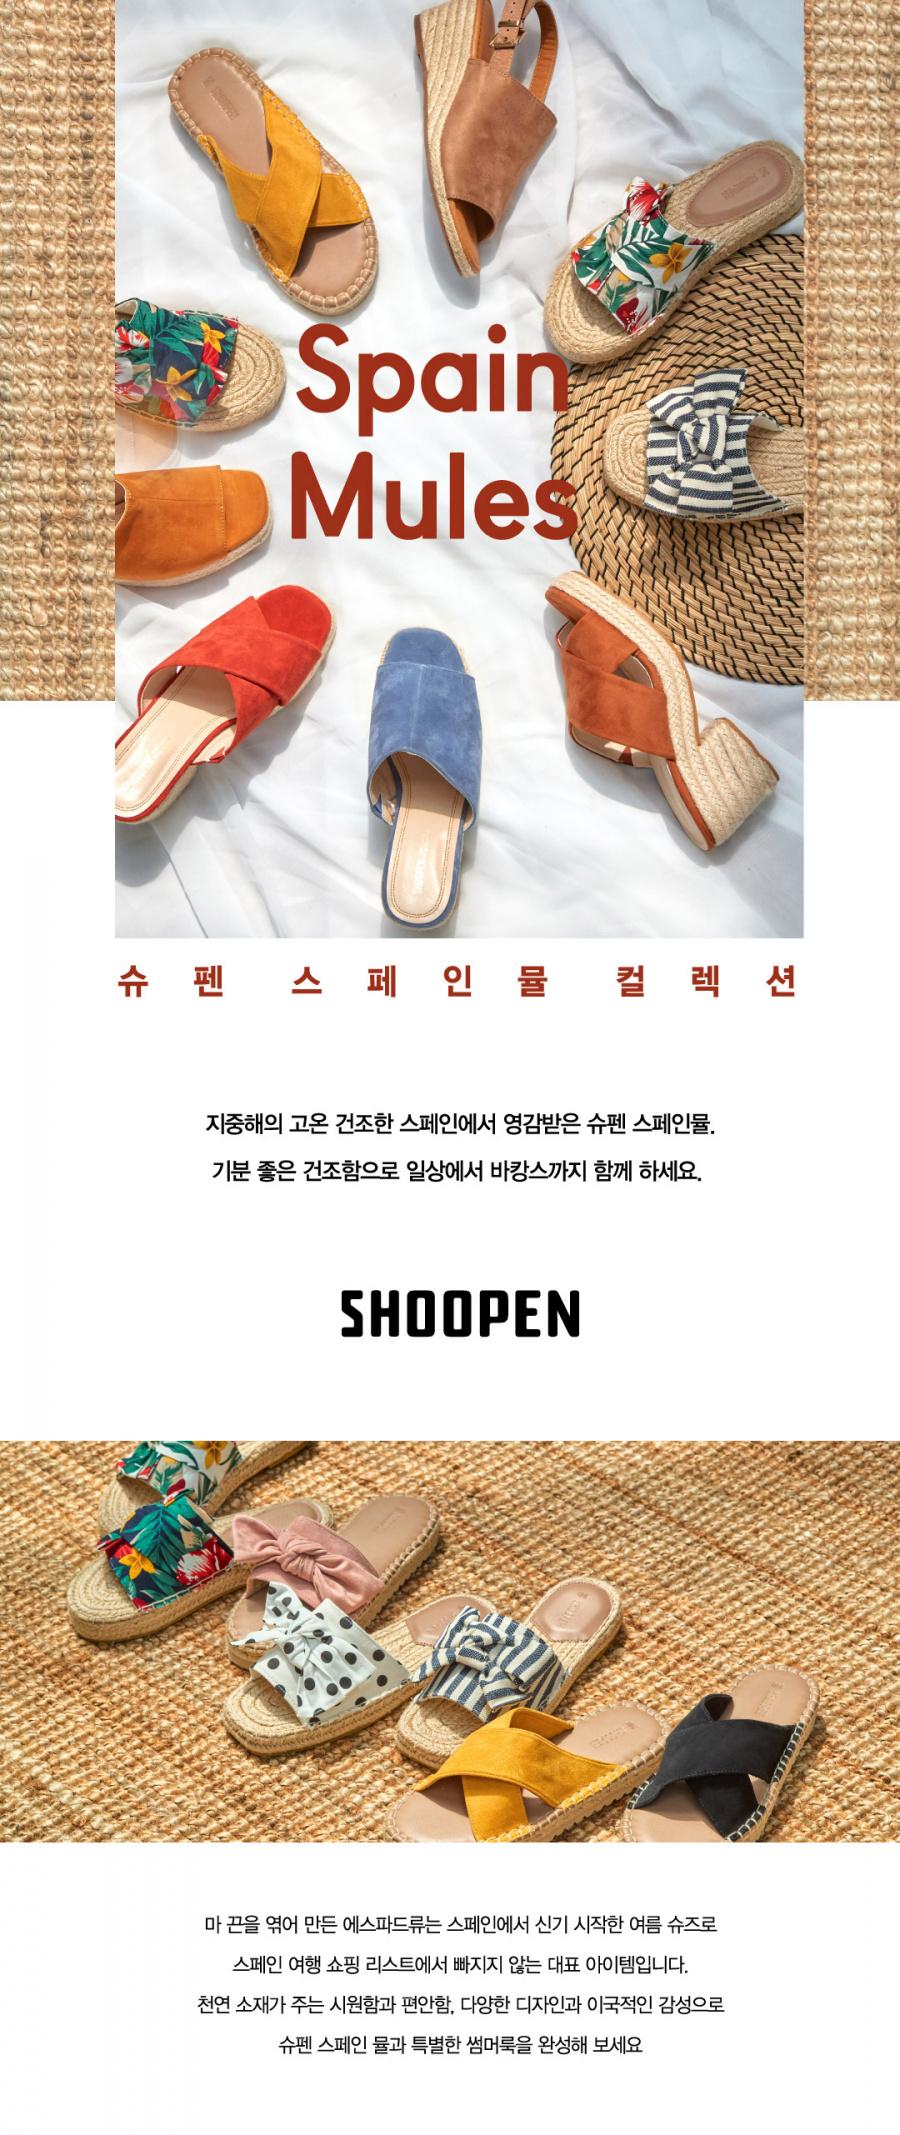 슈펜(SHOOPEN) 태슬 웻지 에스파듀 AFHL19S19